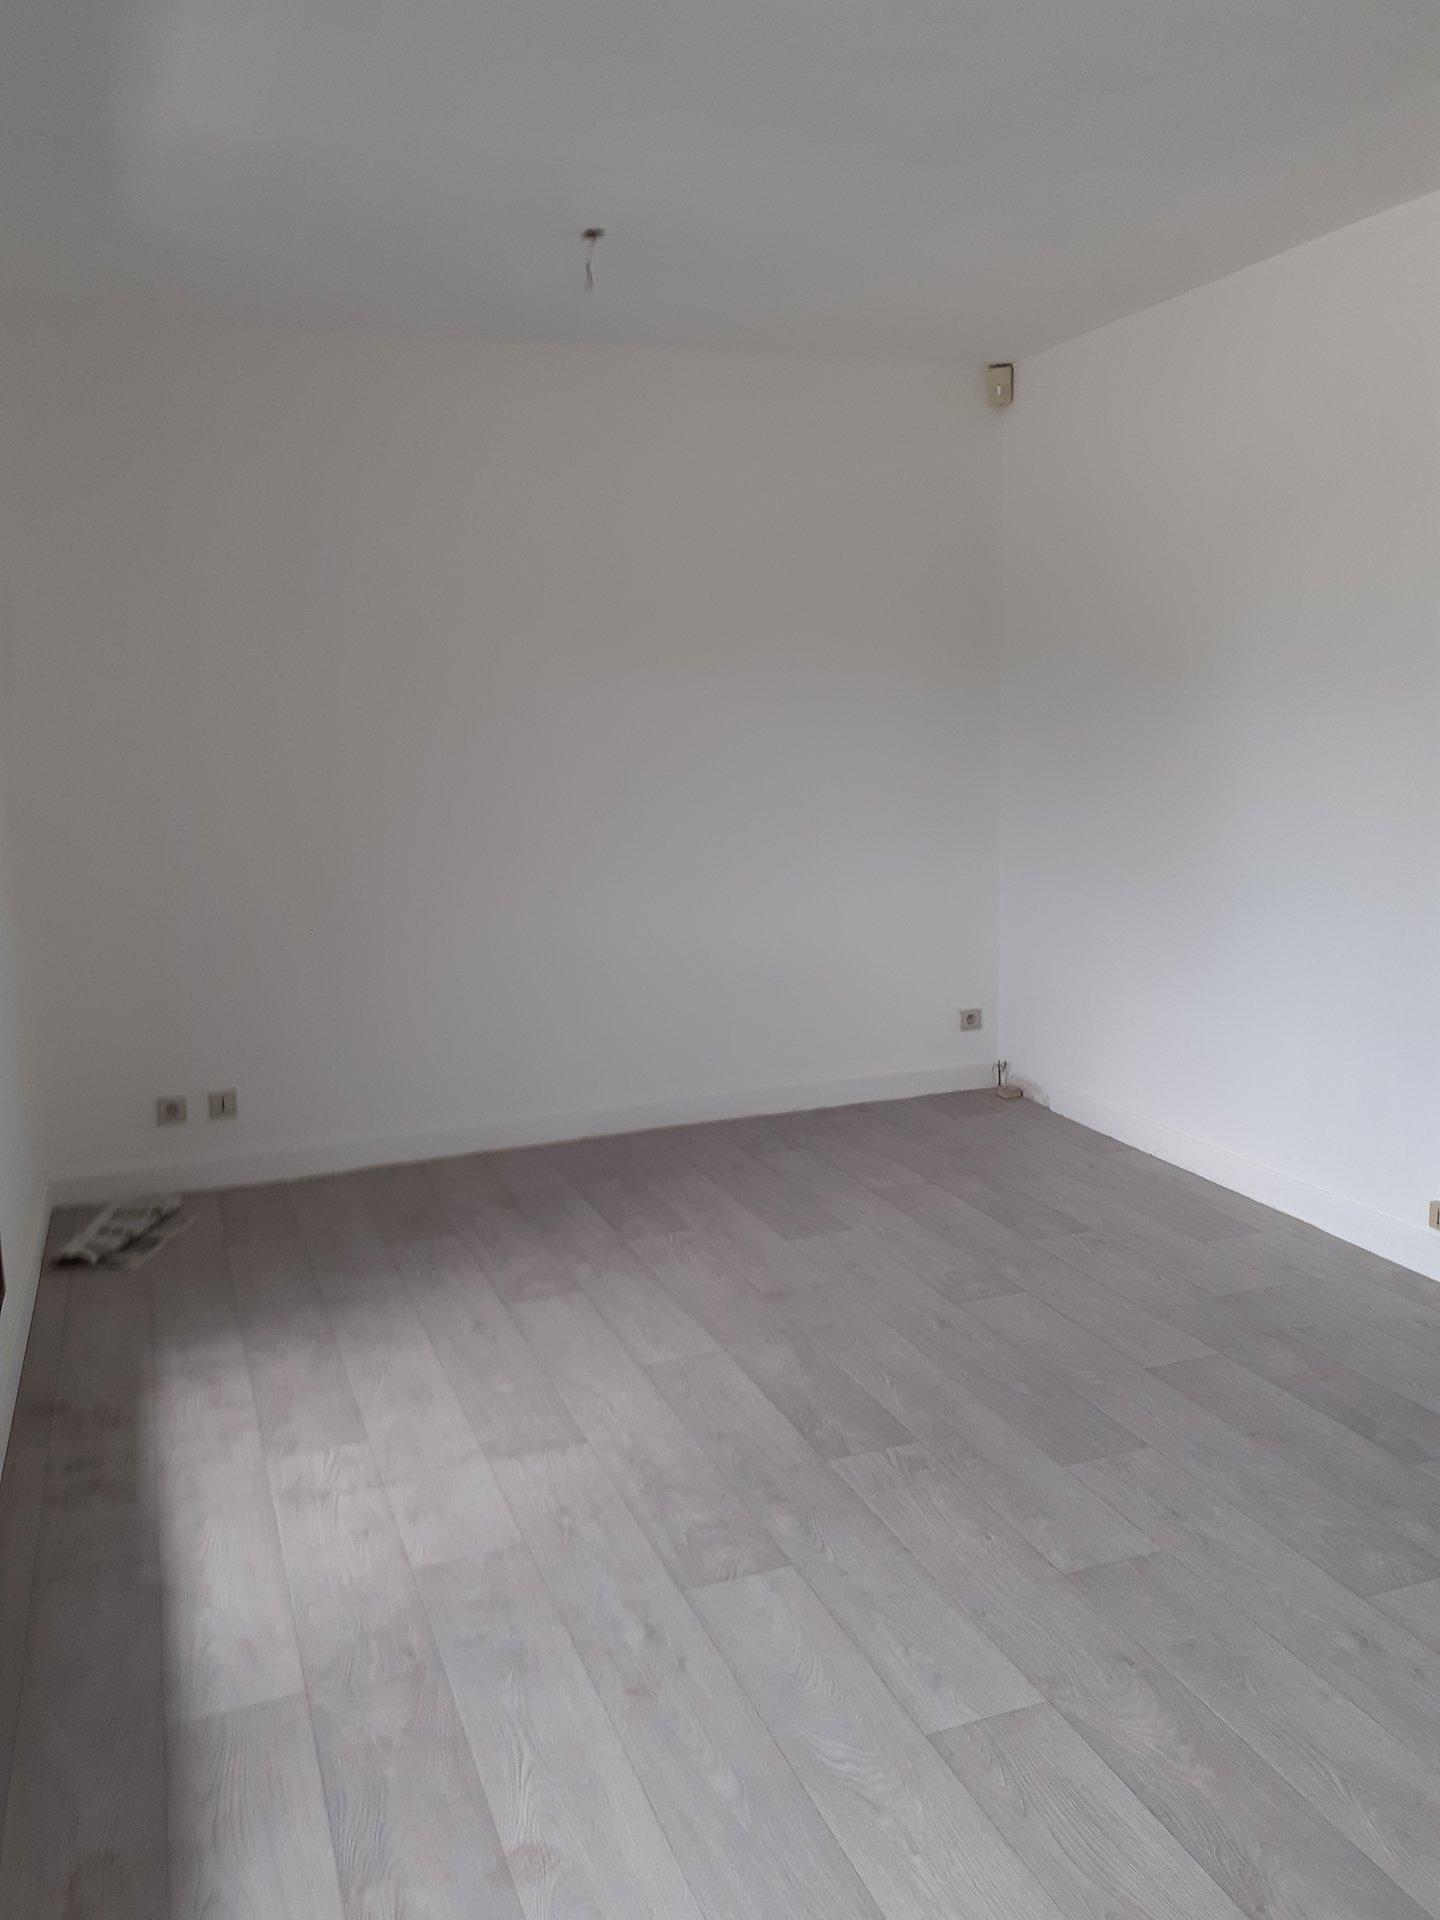 Bureau à Perpignan-dbi002597